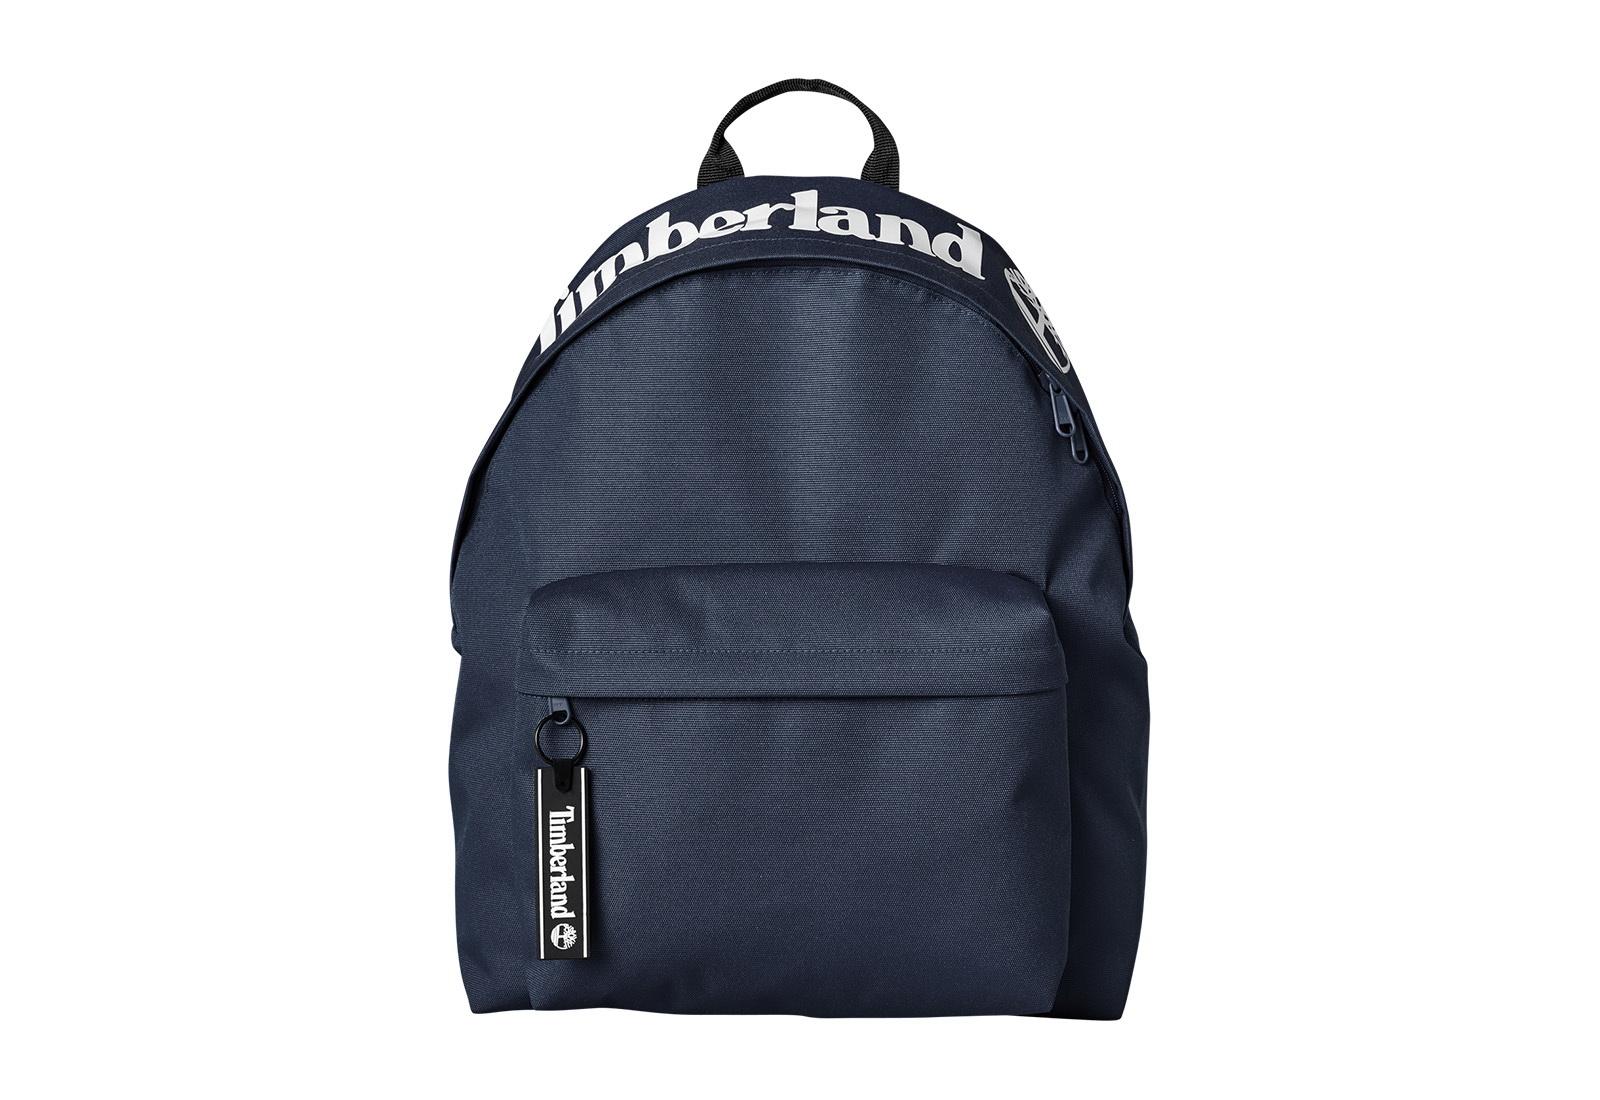 Timberland Táskák és hátizsákok Backpack